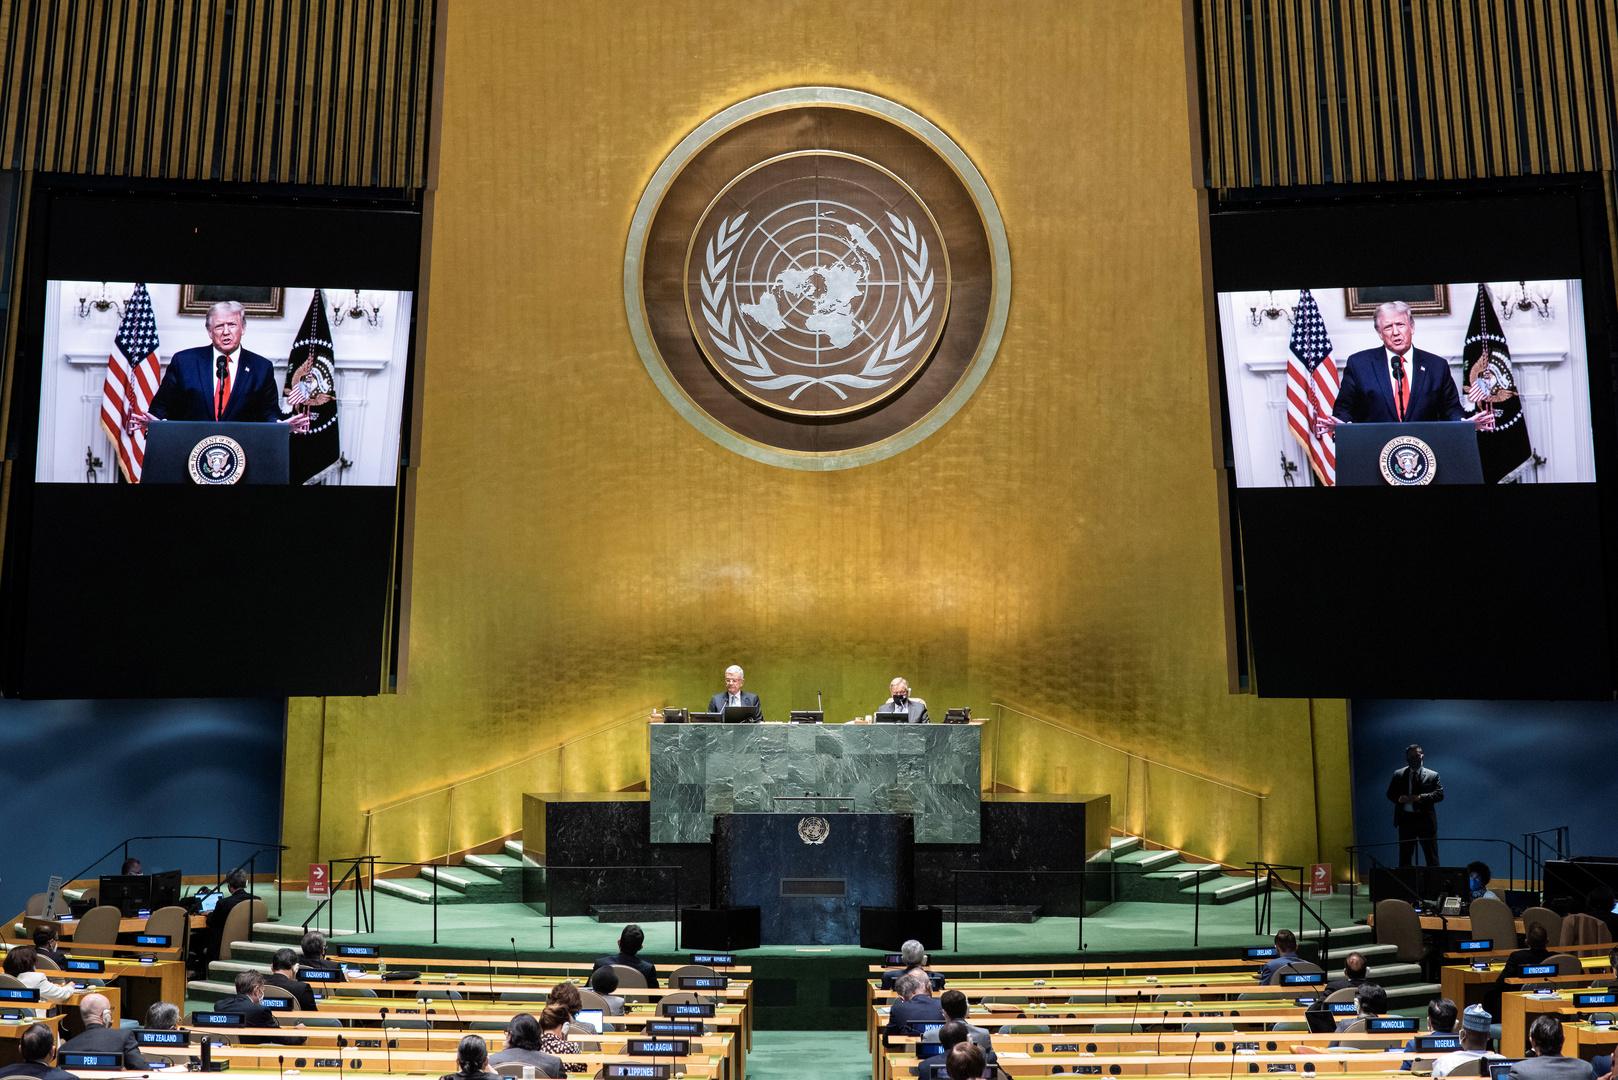 الولايات المتحدة تمسح قدميها بالأمم المتحدة وإيران تنتظر الثالث من نوفمبر